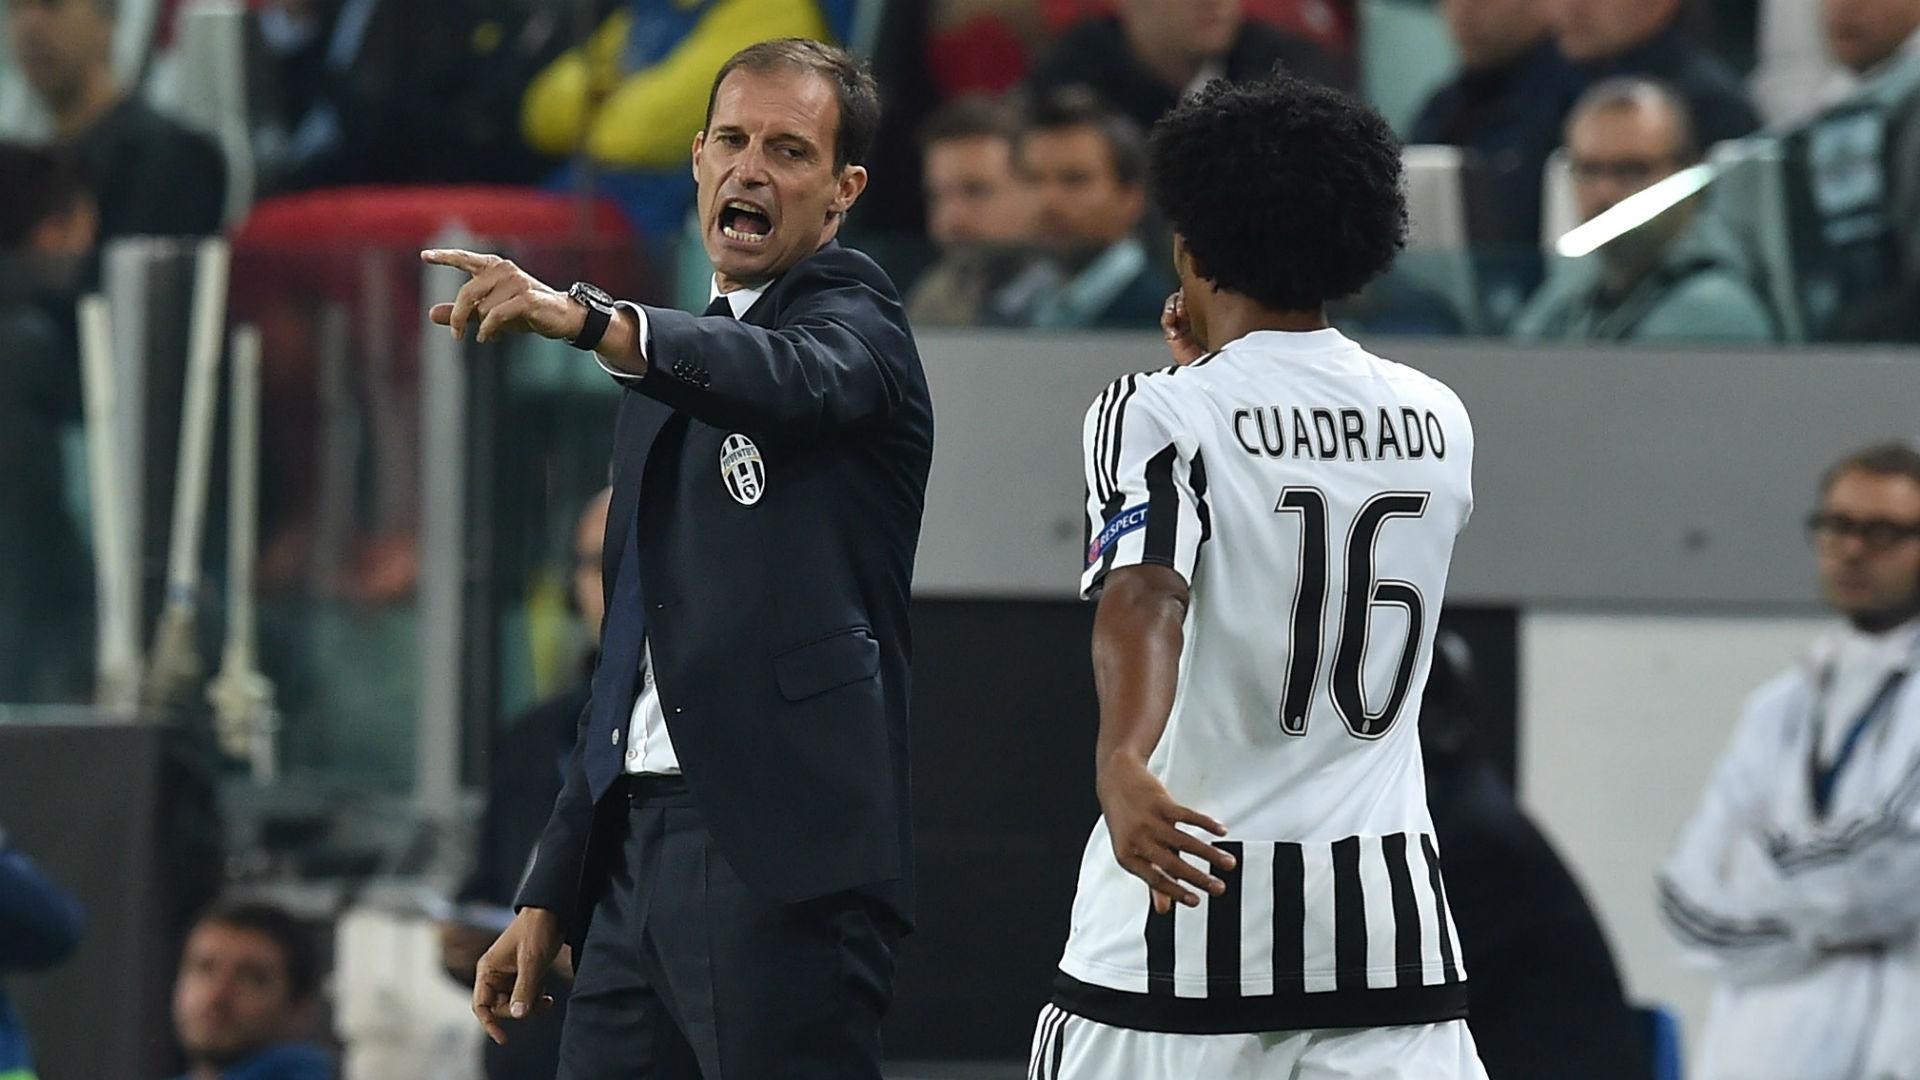 Juan Cuadrado & Allegri Juventus